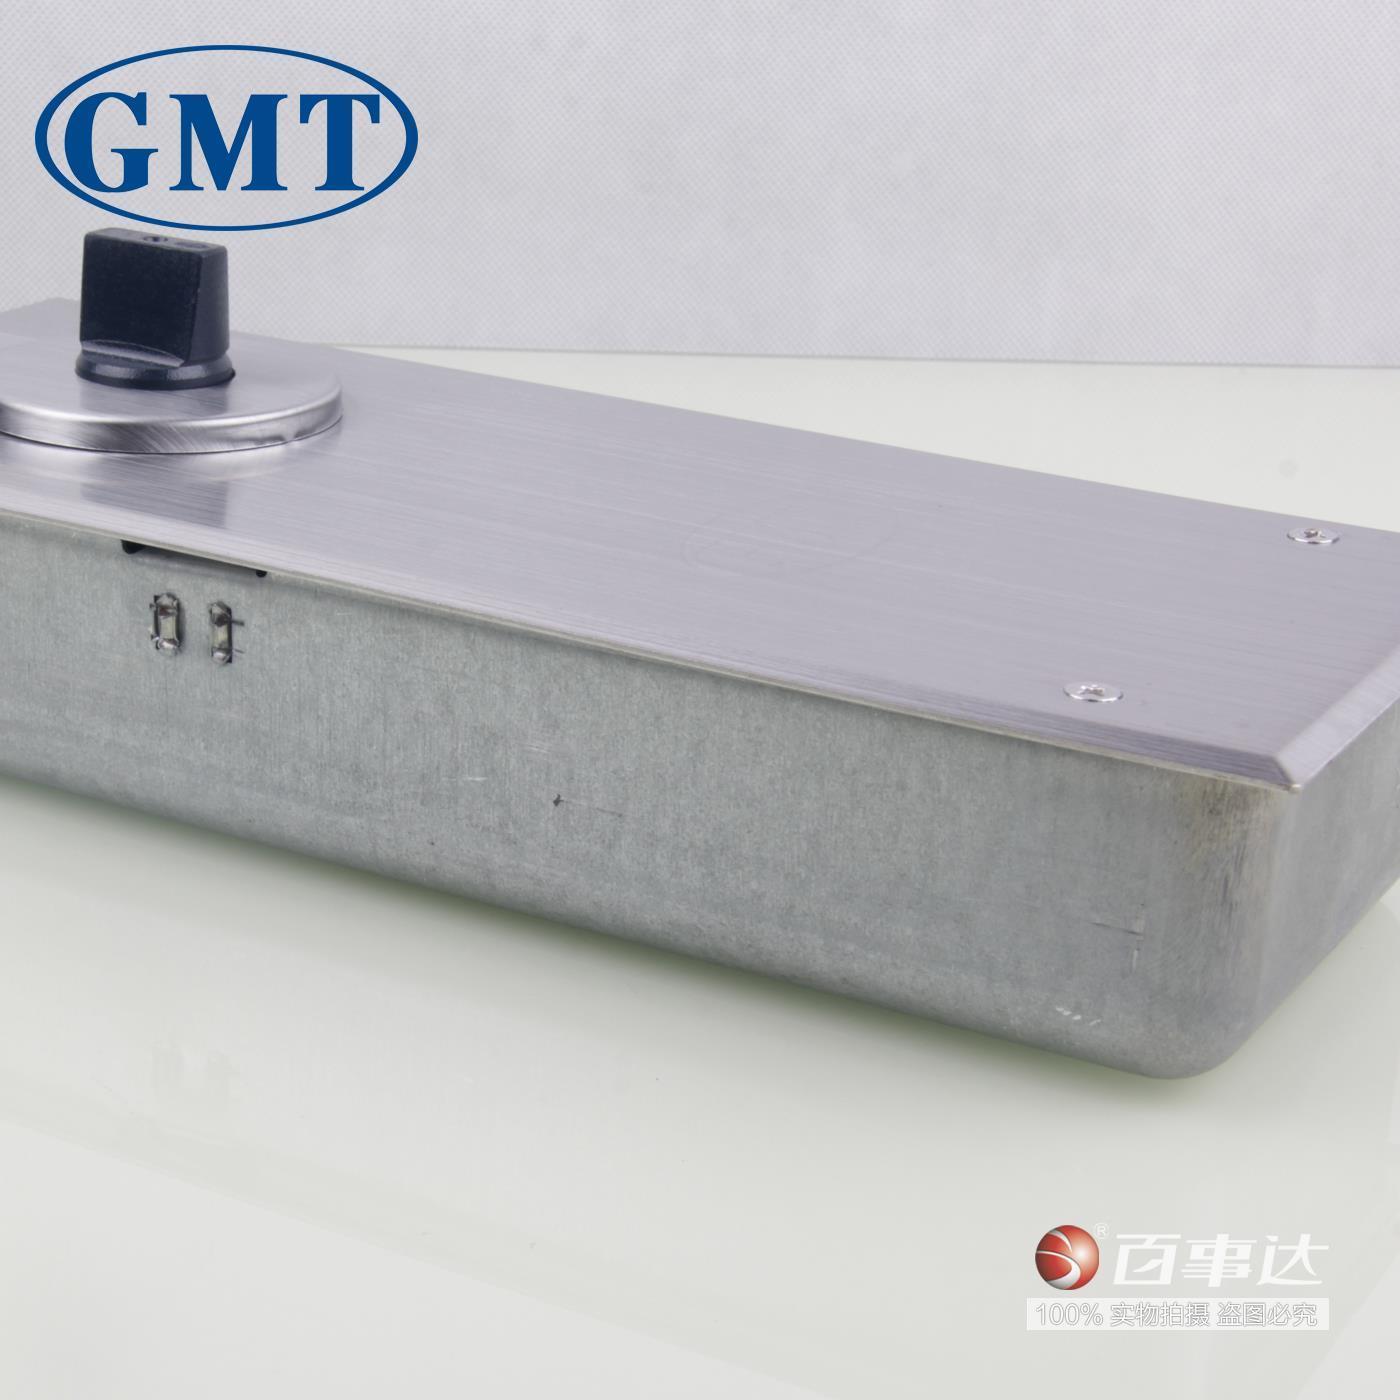 天津GMT原装地弹簧 H-220B报价